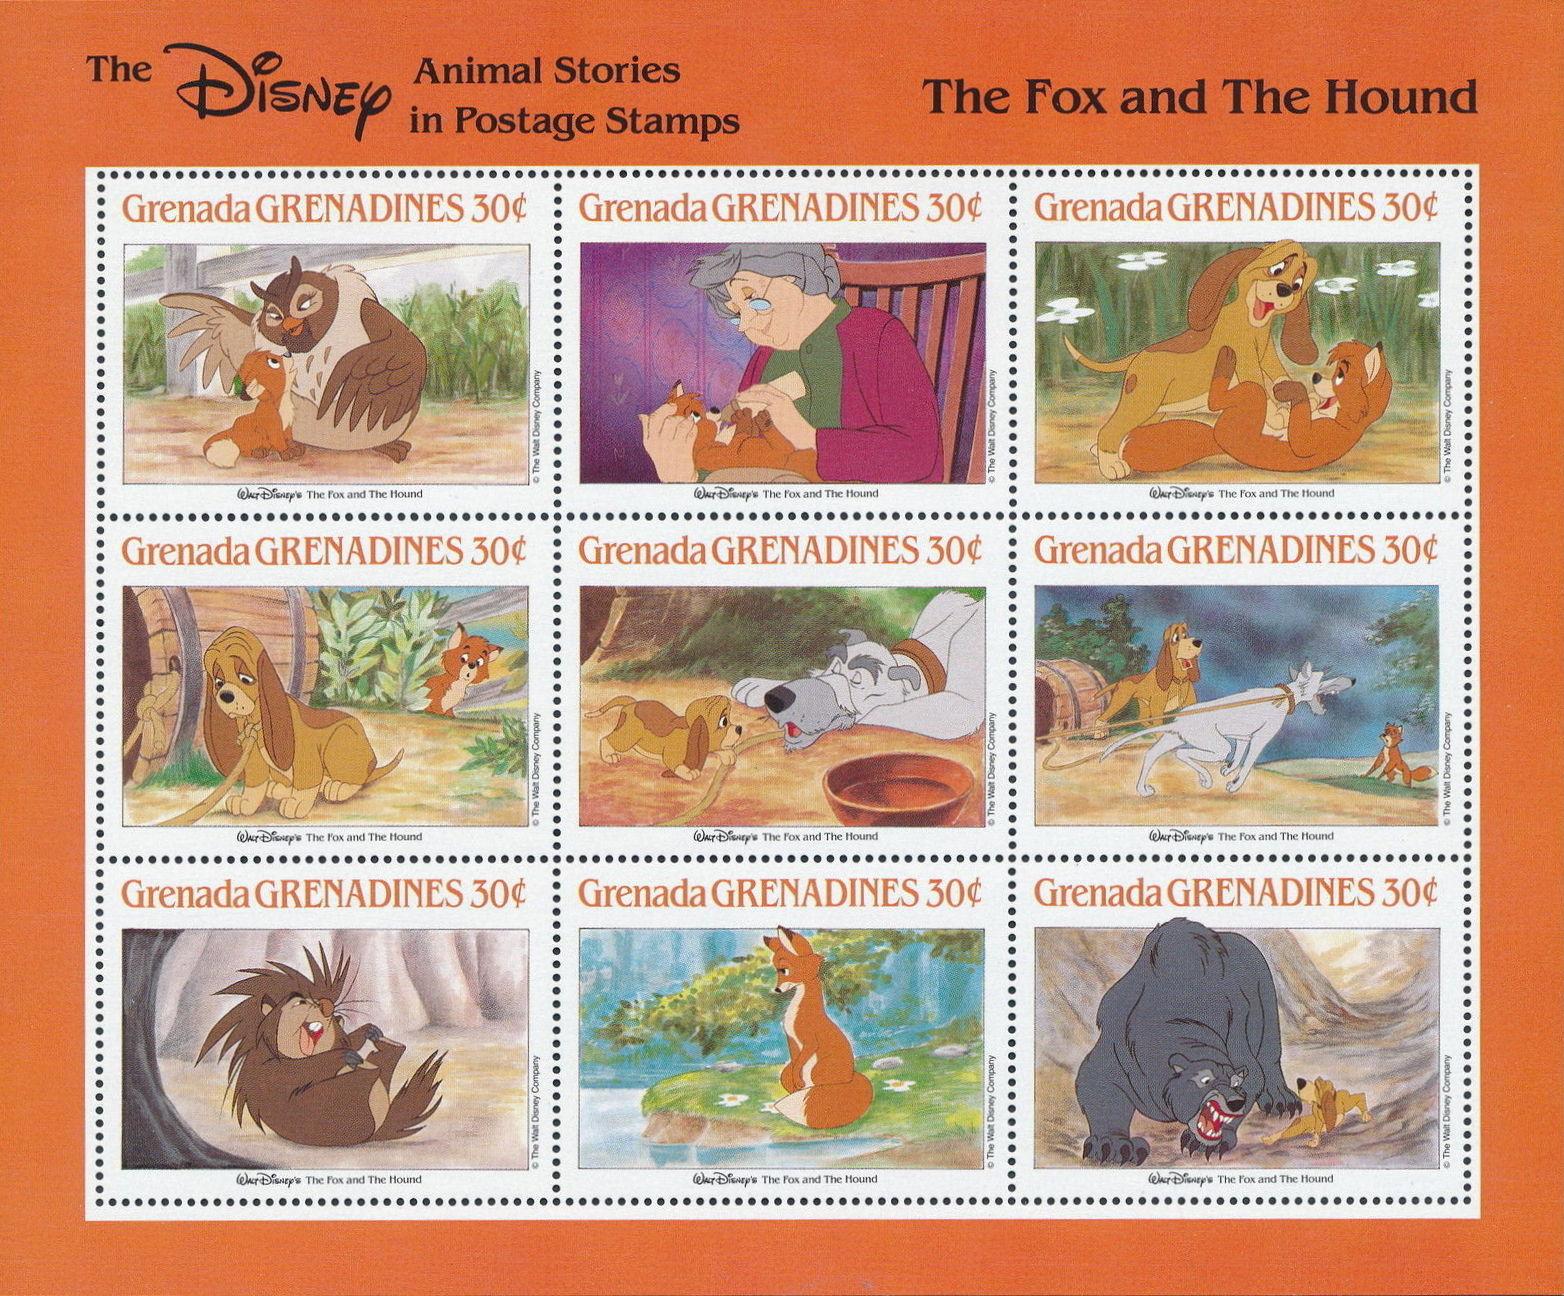 Grenada Grenadines 1988 The Disney Animal Stories in Postage Stamps SSb.jpg